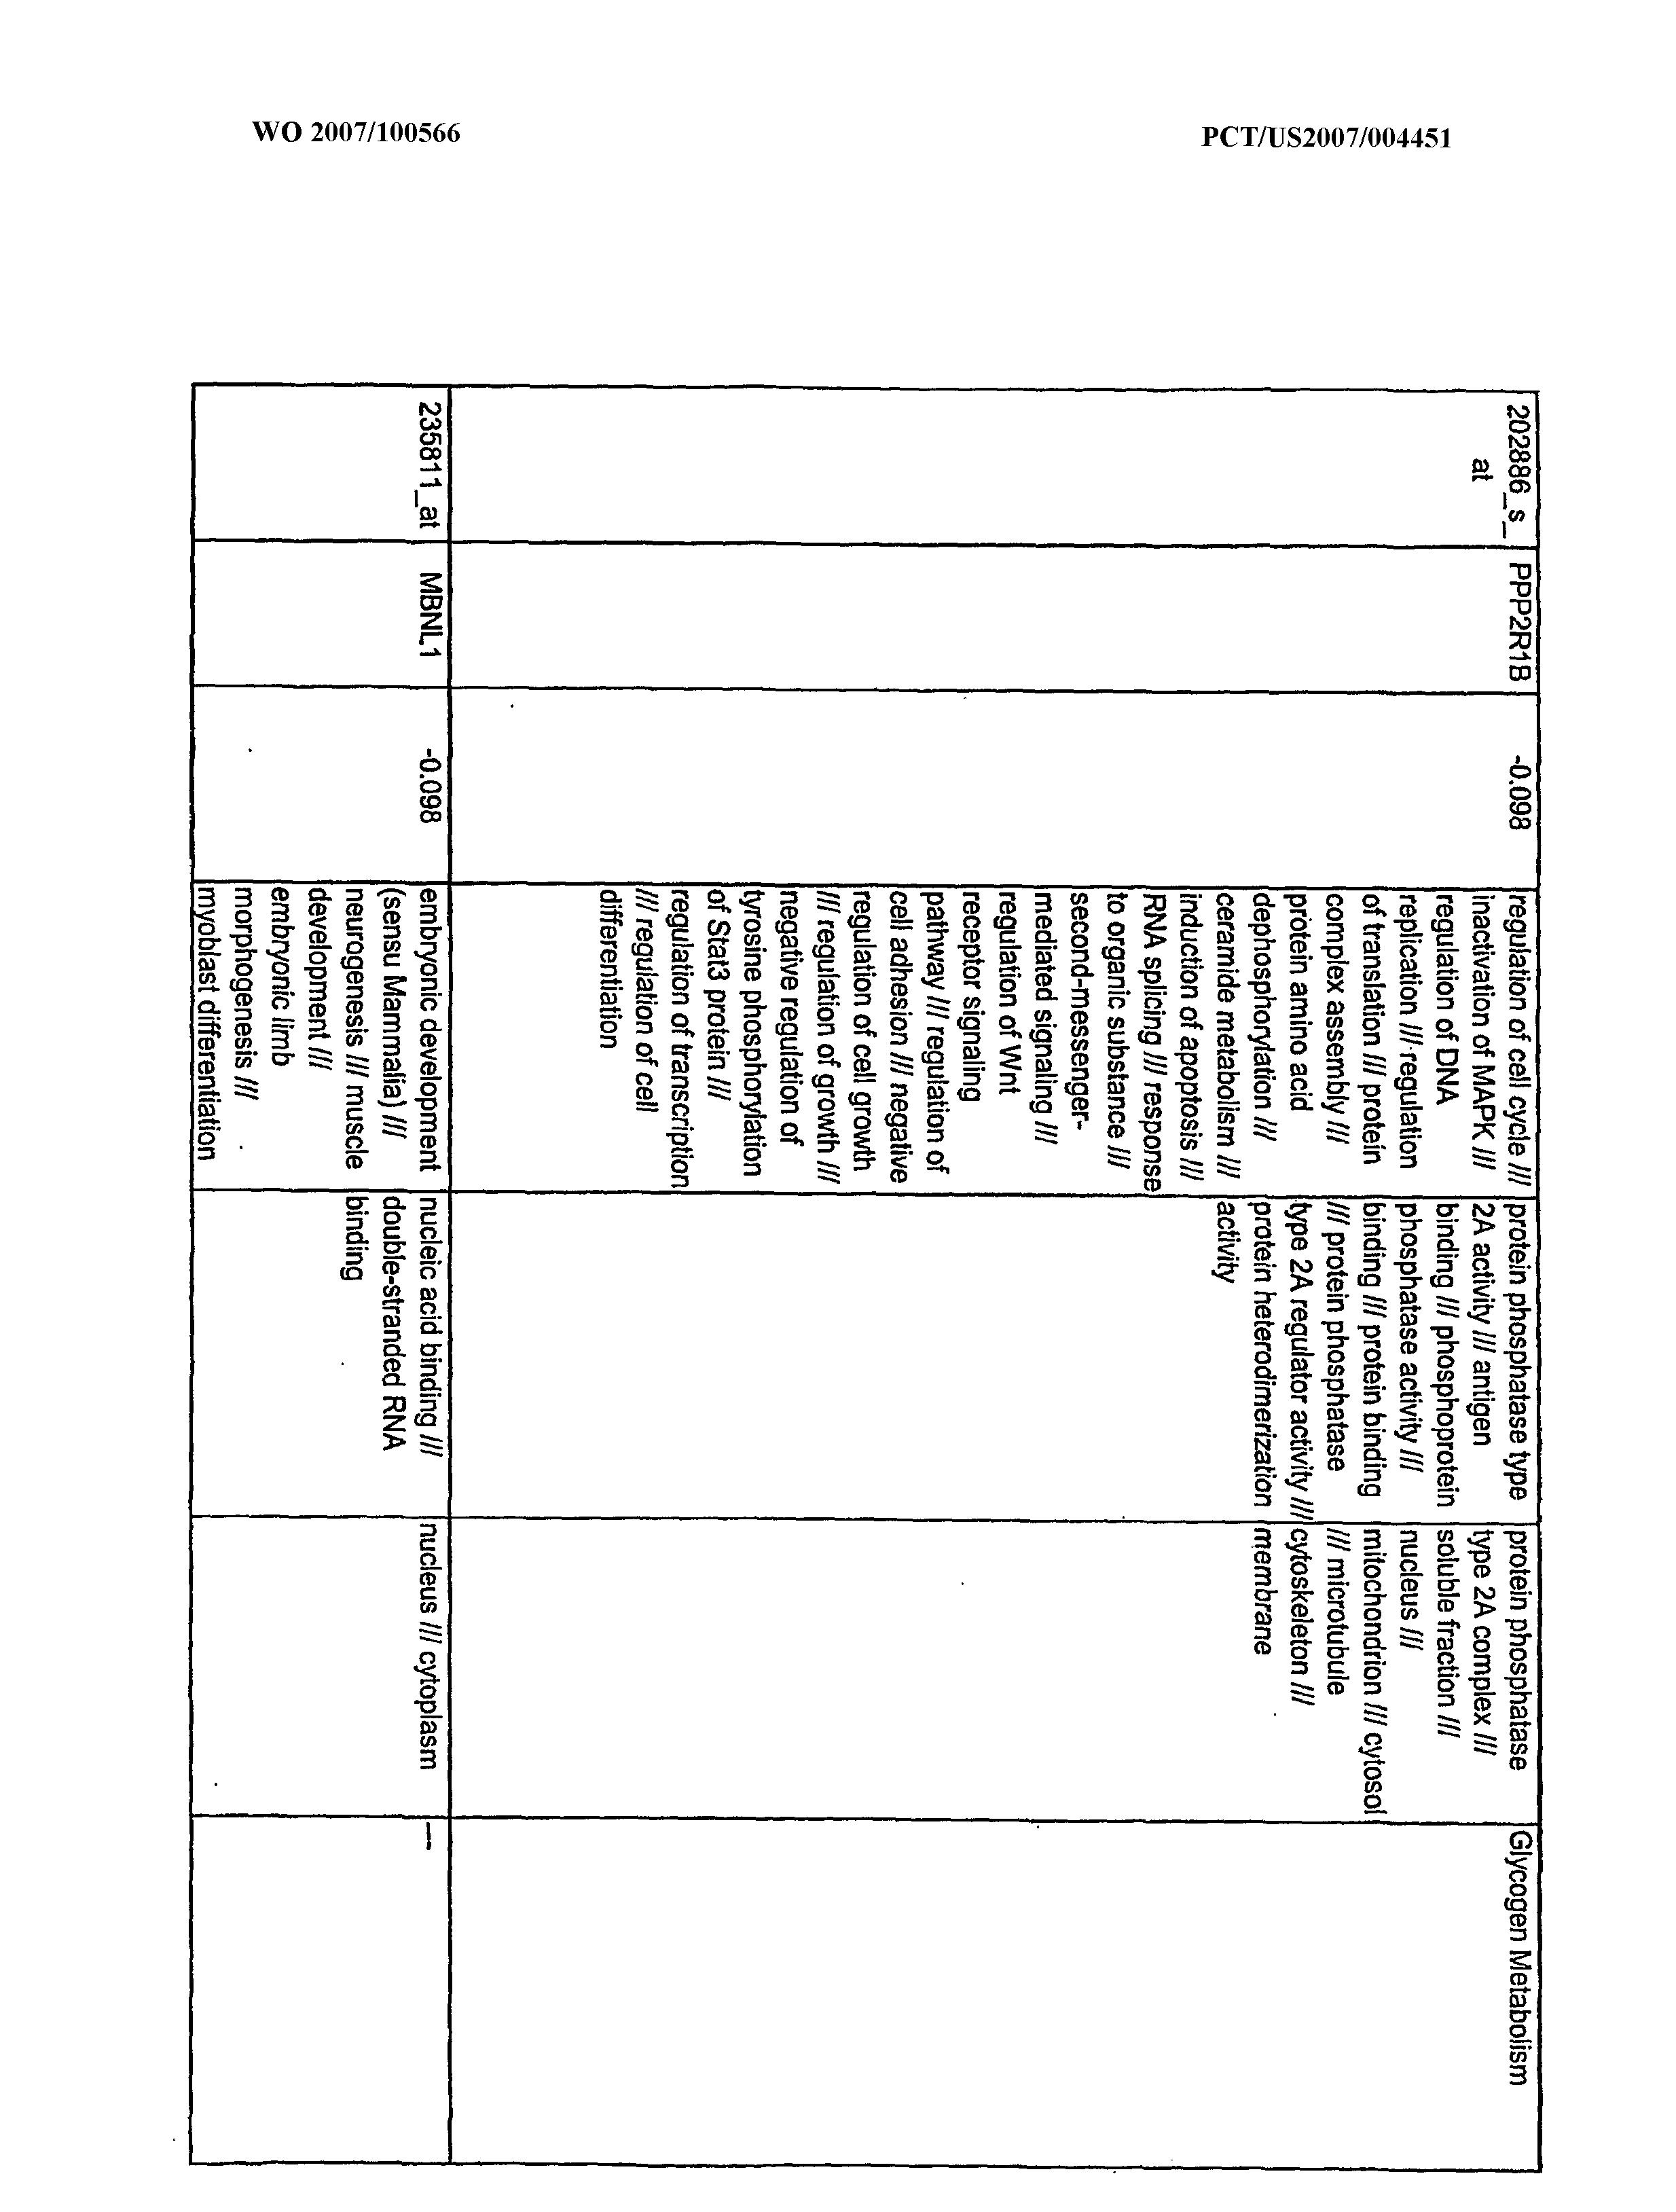 Figure imgf000509_0001